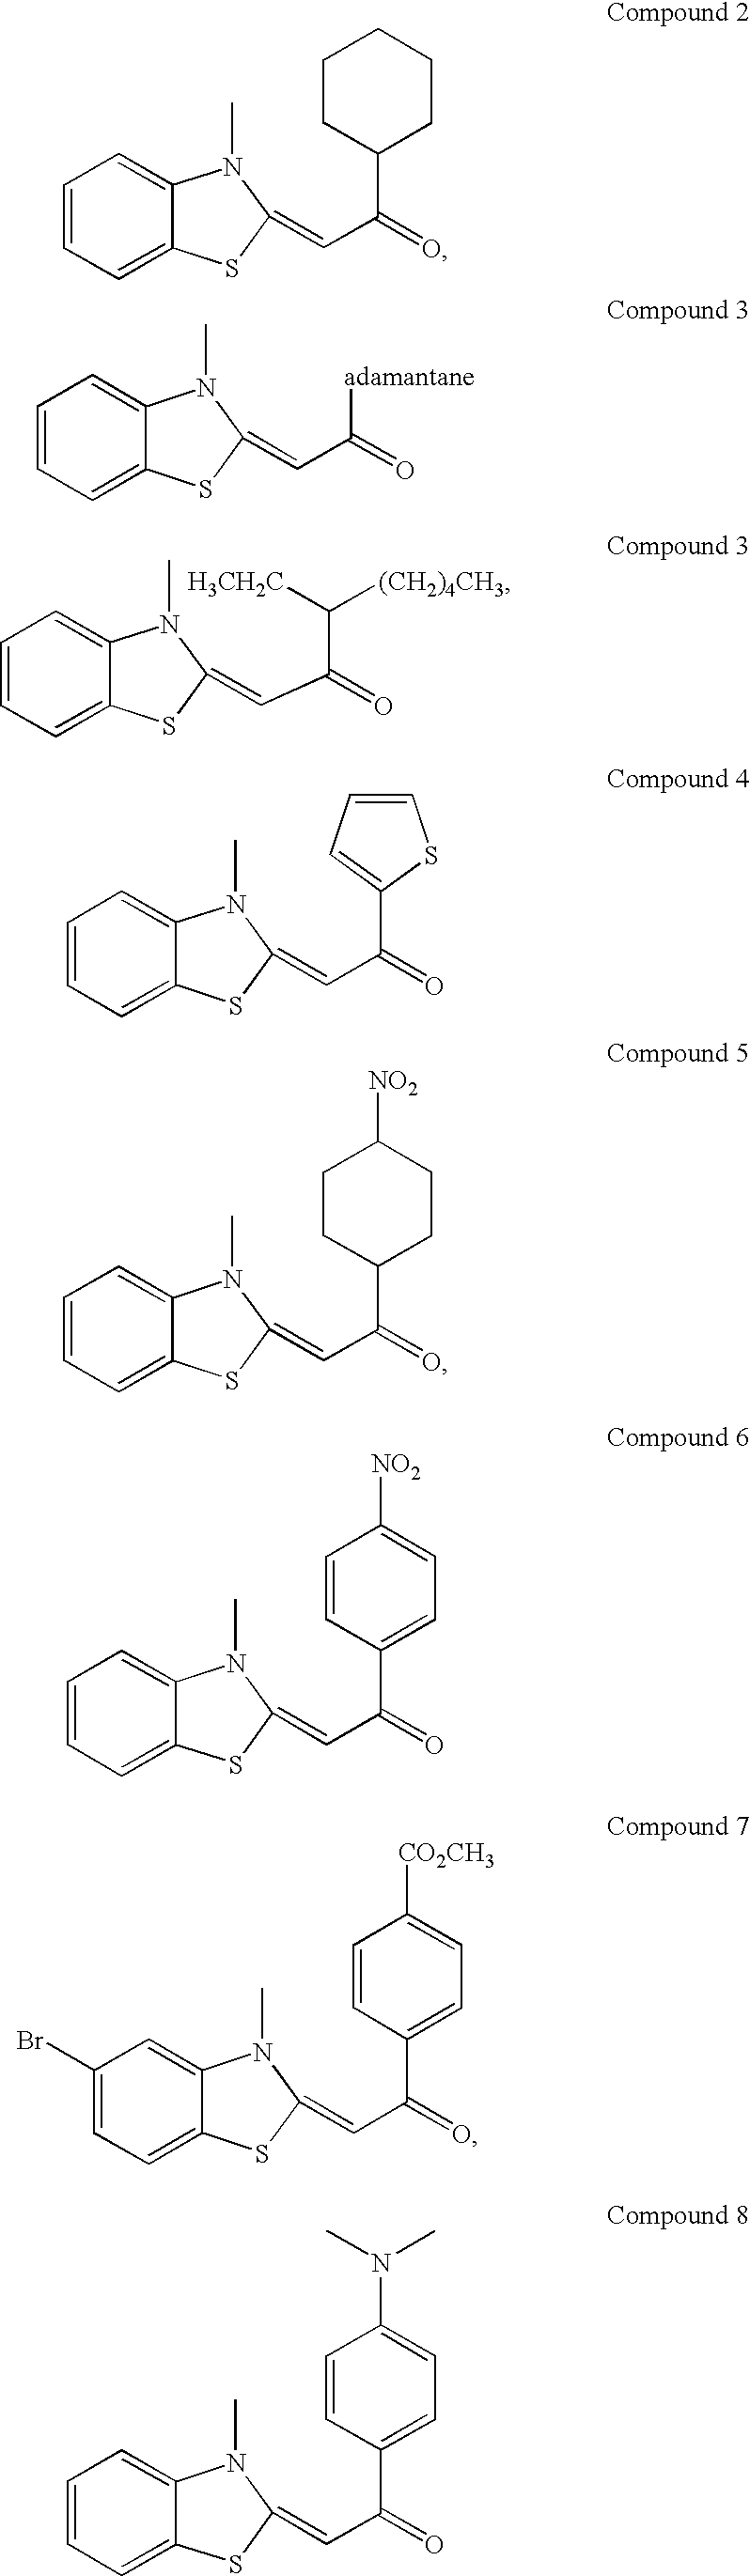 Figure US20050208534A1-20050922-C00023